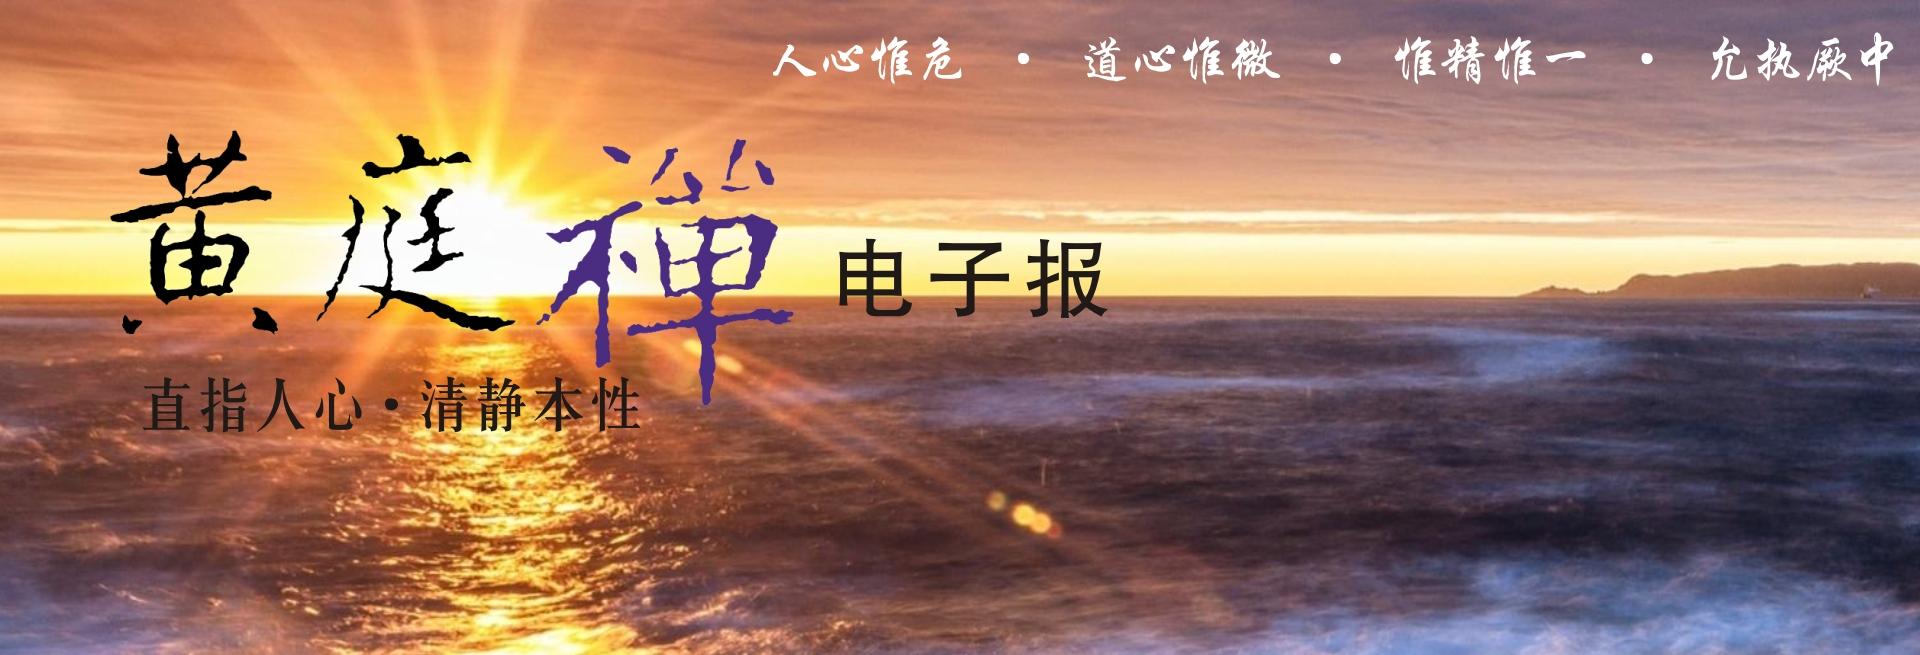 中华黄庭禅学会2020.12.11电子报